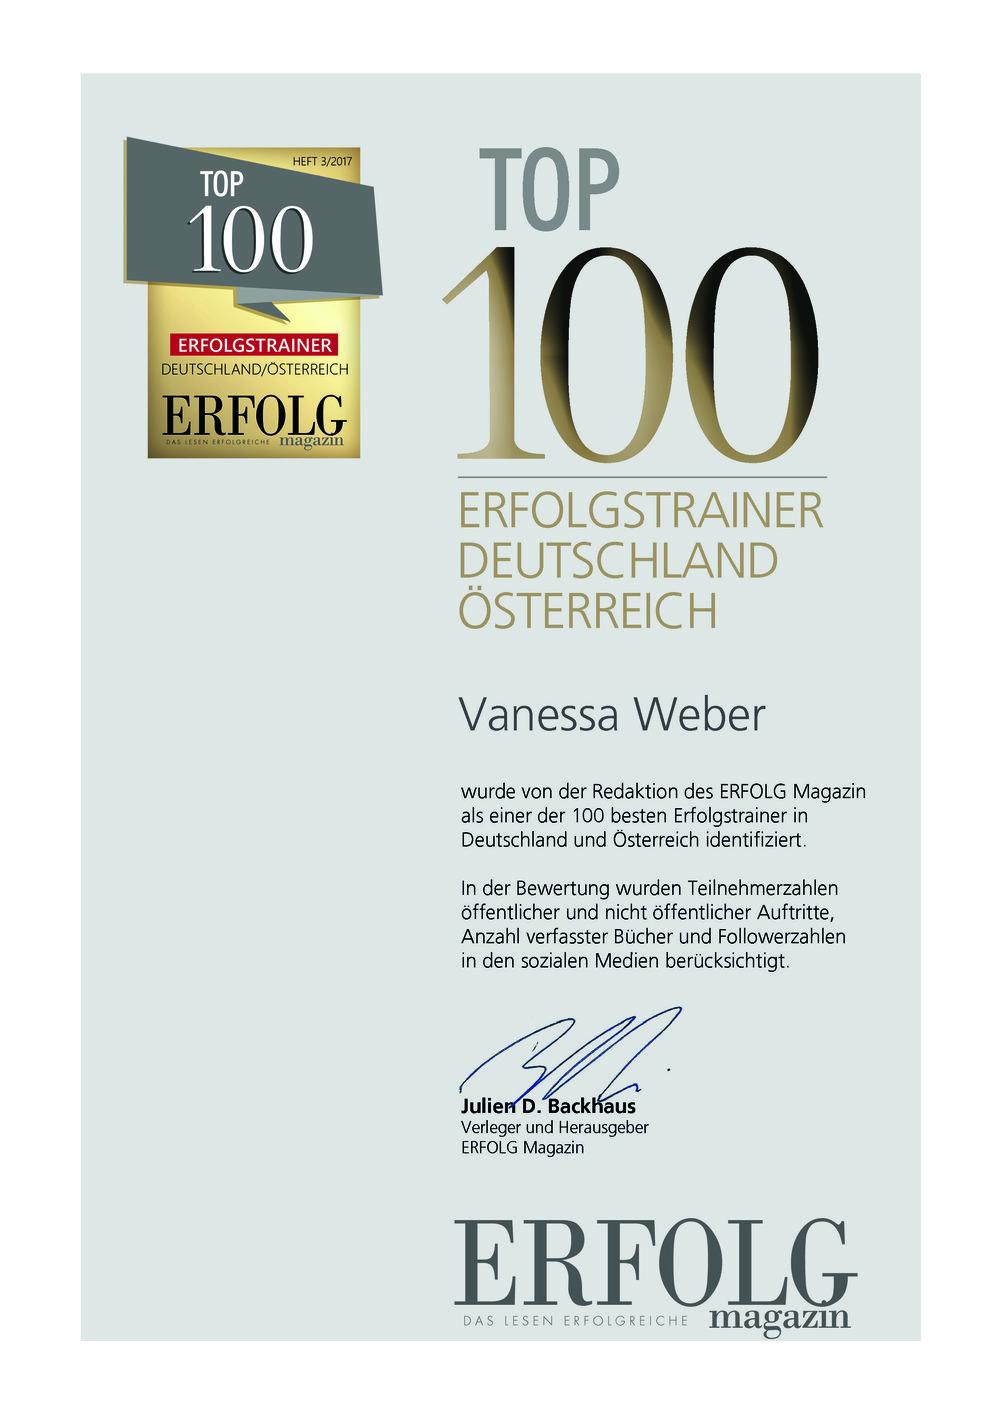 - Die Redaktion vom ERFOLG Magazin hat die 100 besten Erfolgstrainer in Deutschland und Österreich ausfindig gemacht. Vanessa Weber wurde in der Ausgabe 3/2017 in die TOP 100 der Erfolgstrainer aus Deutschland und Österreich aufgenommen.